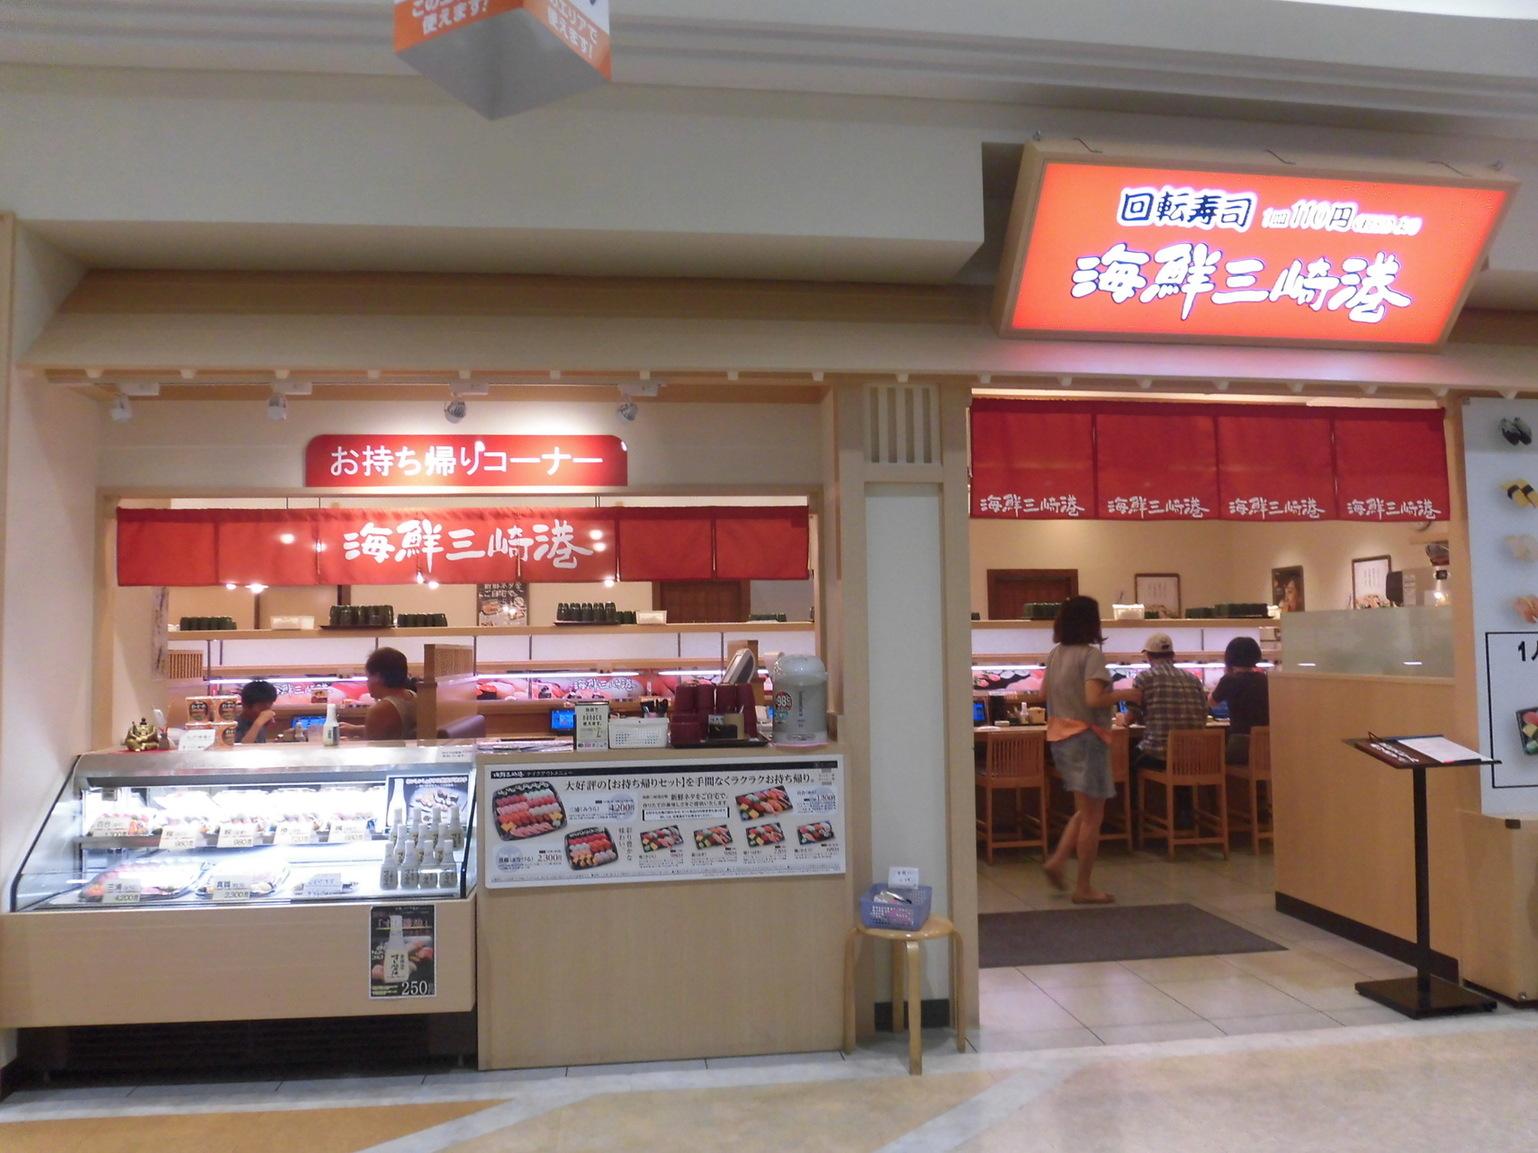 海鮮三崎港 イトーヨーカドー大和鶴間店